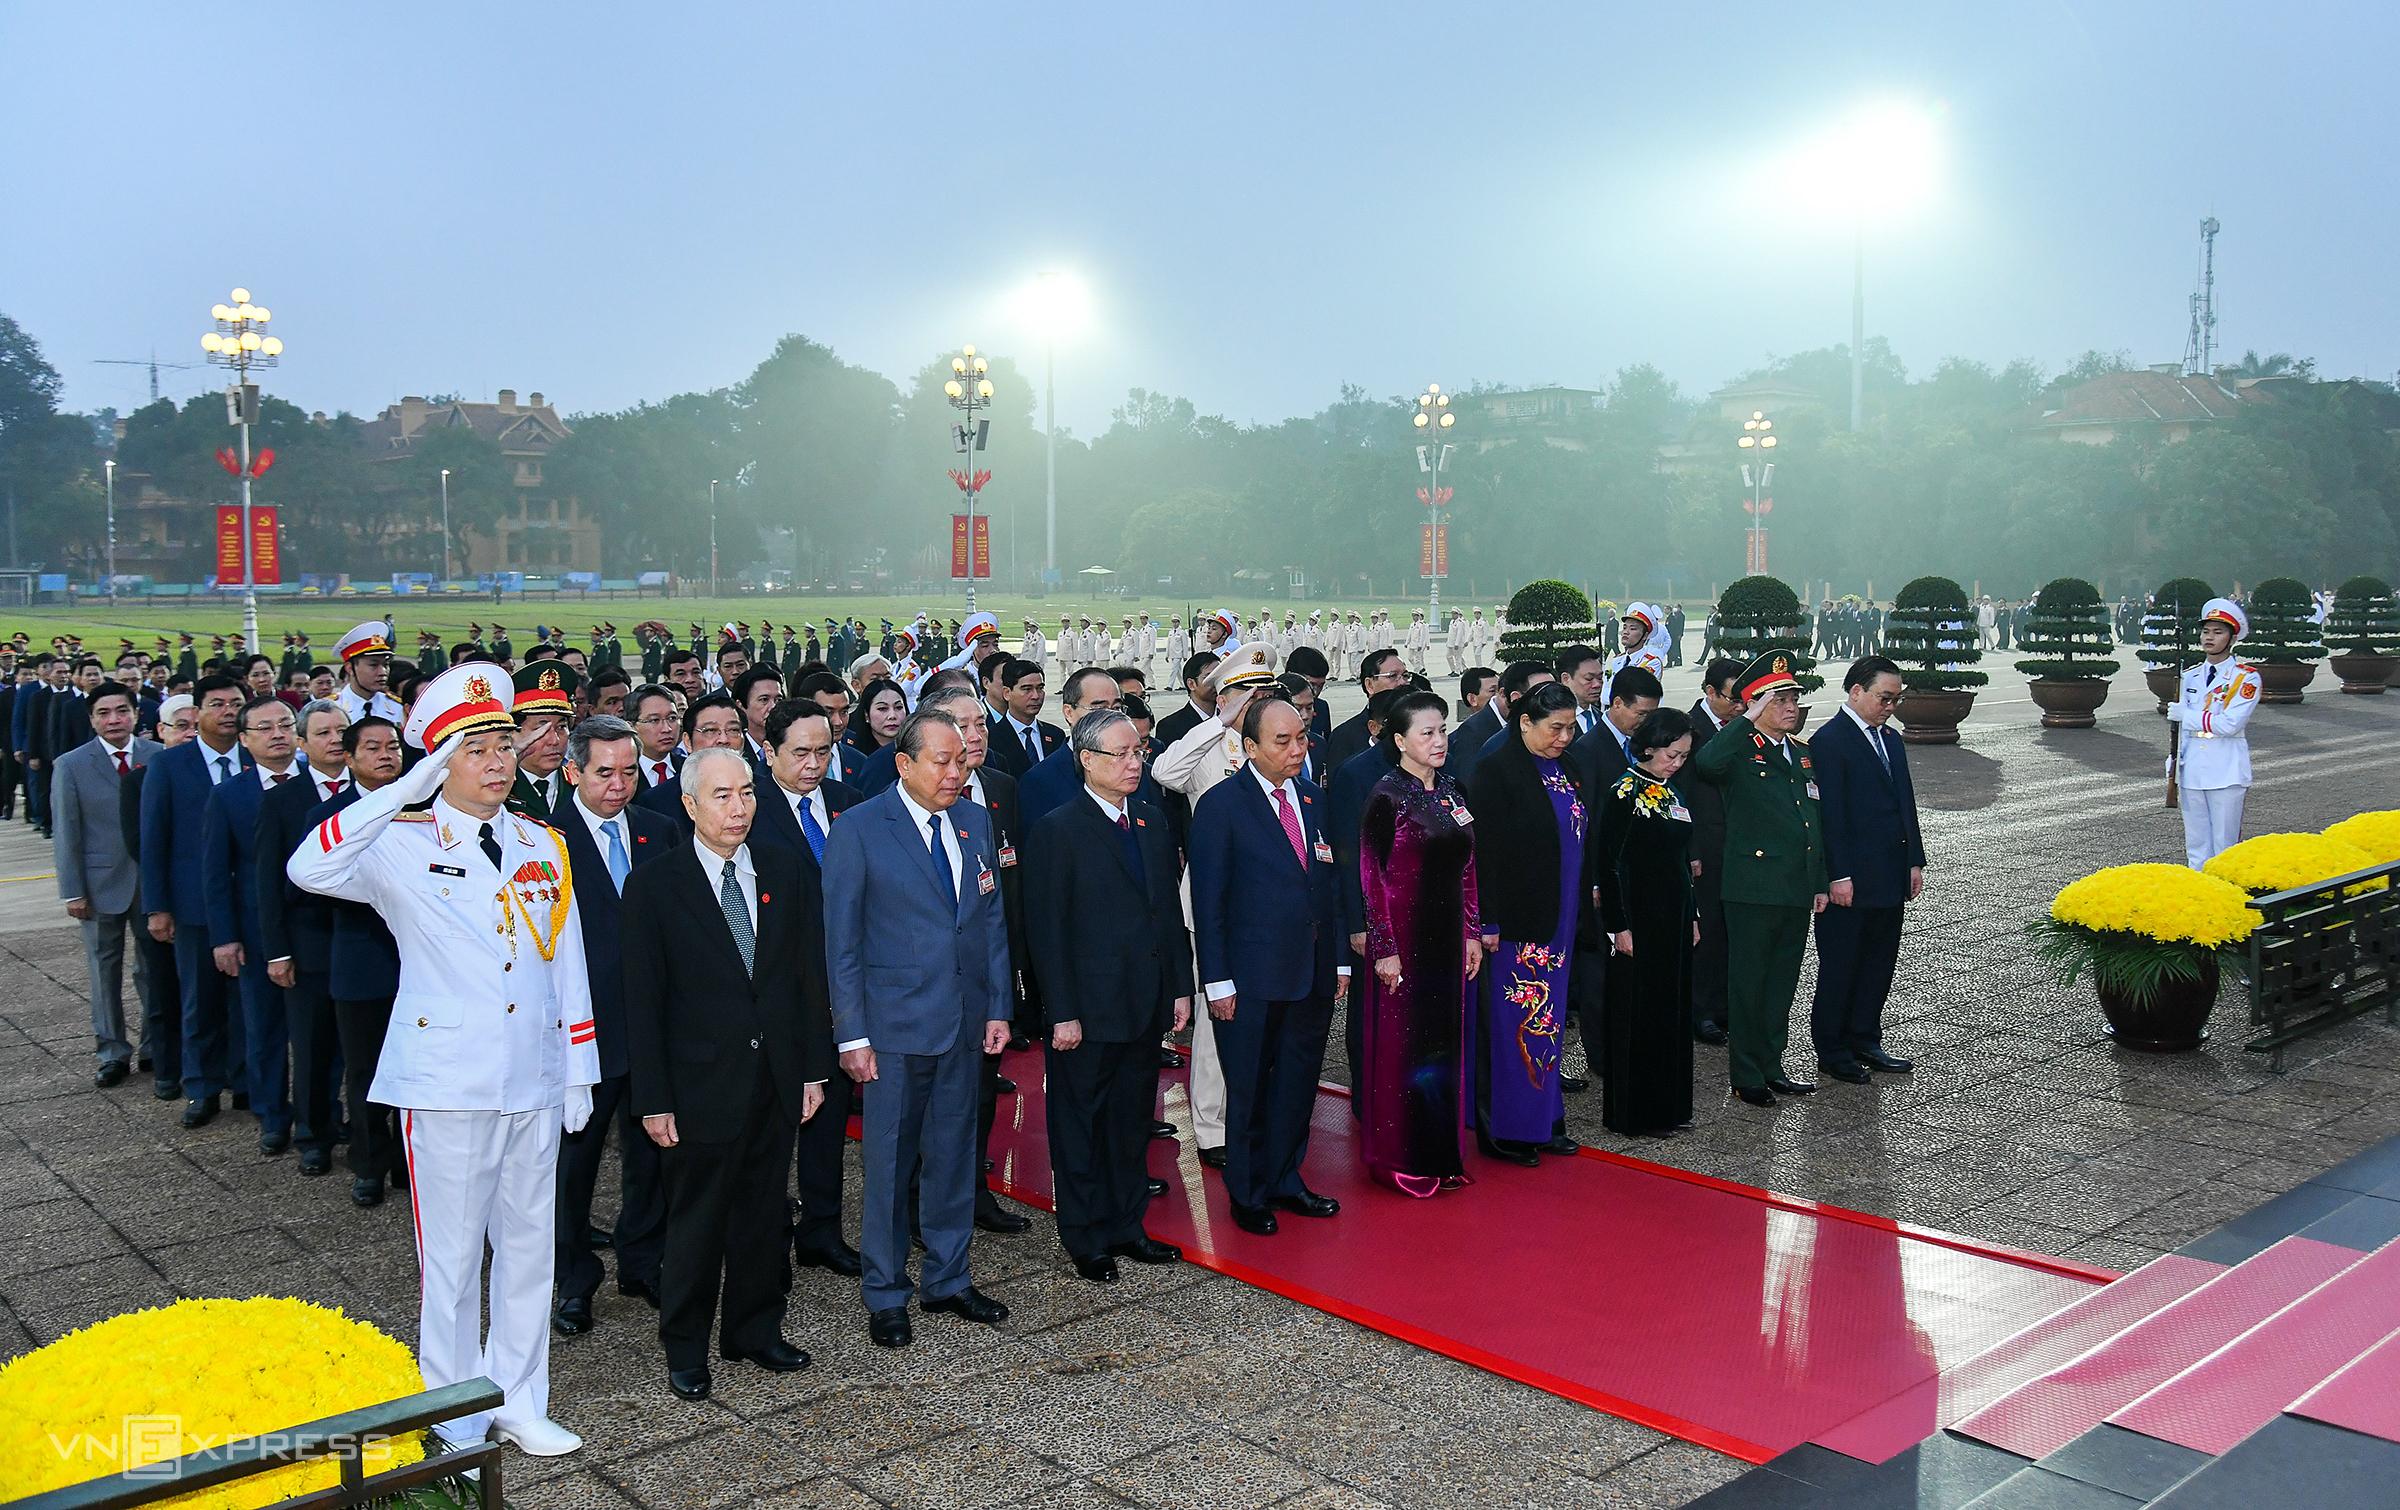 Các đại biểu dự Đại hội viếng Lăng Chủ tịch Hồ Chí Minh sáng 25/1. Ảnh: Giang Huy